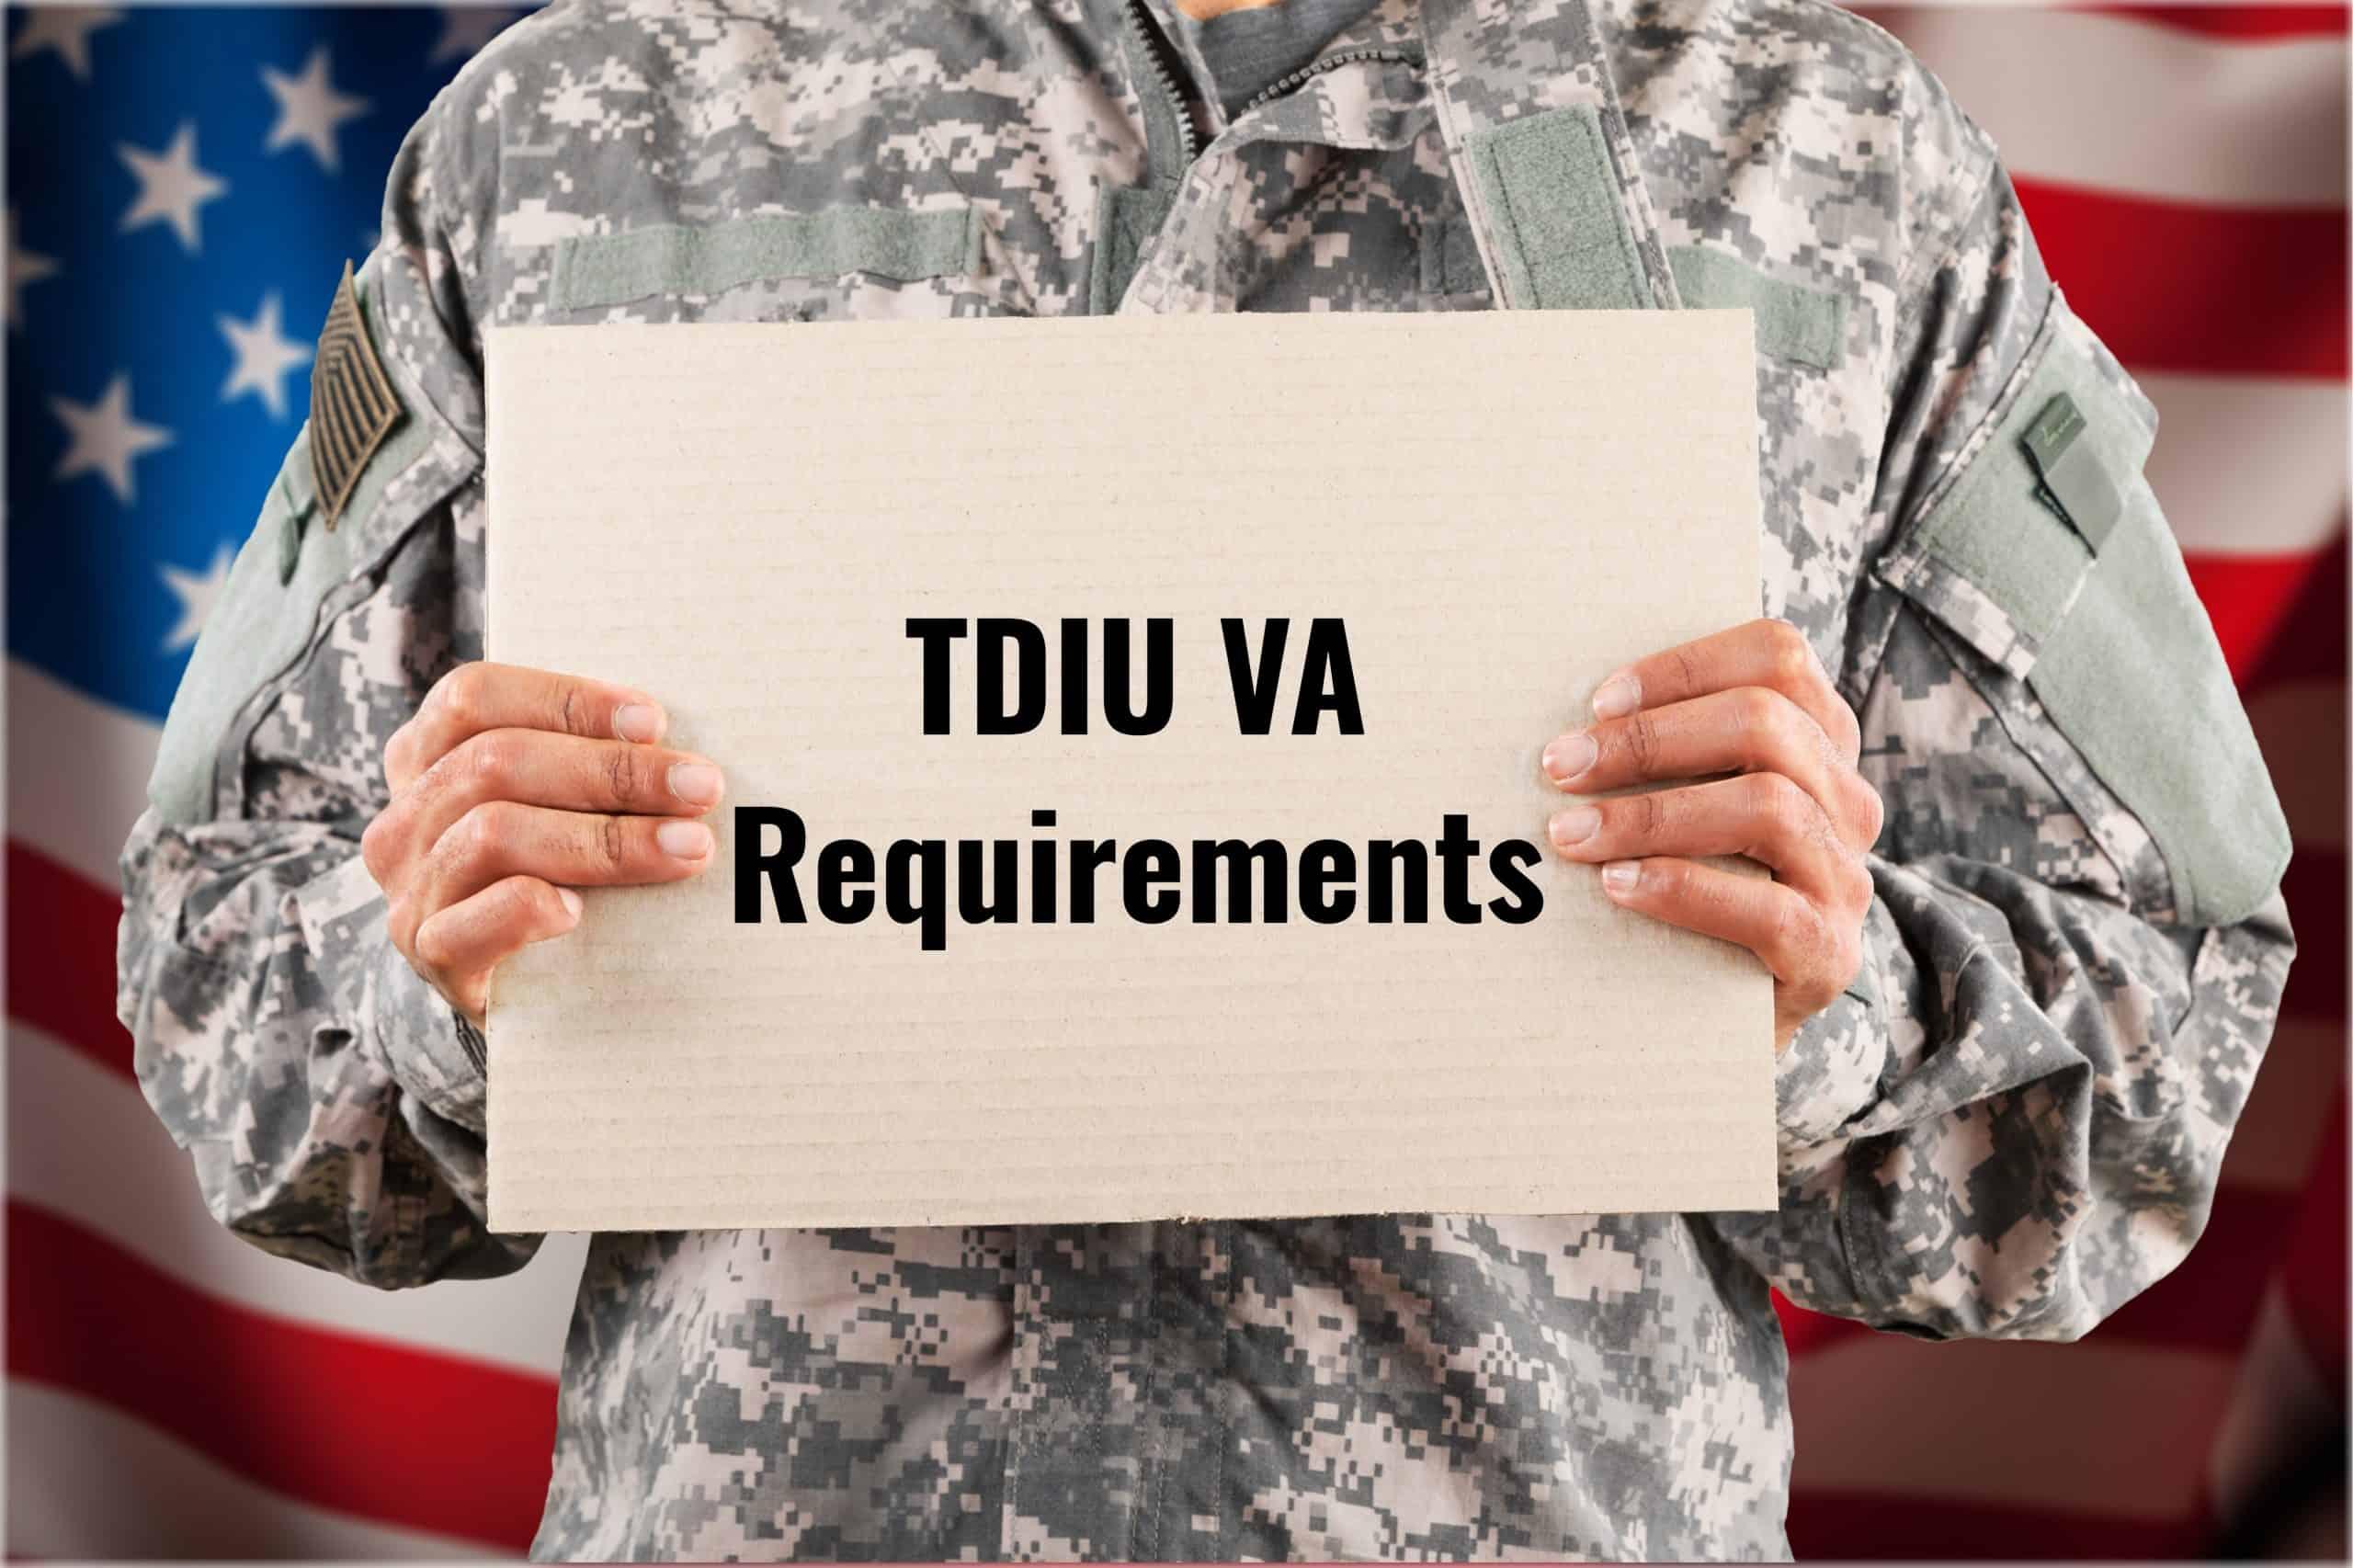 TDIU VA Requirements